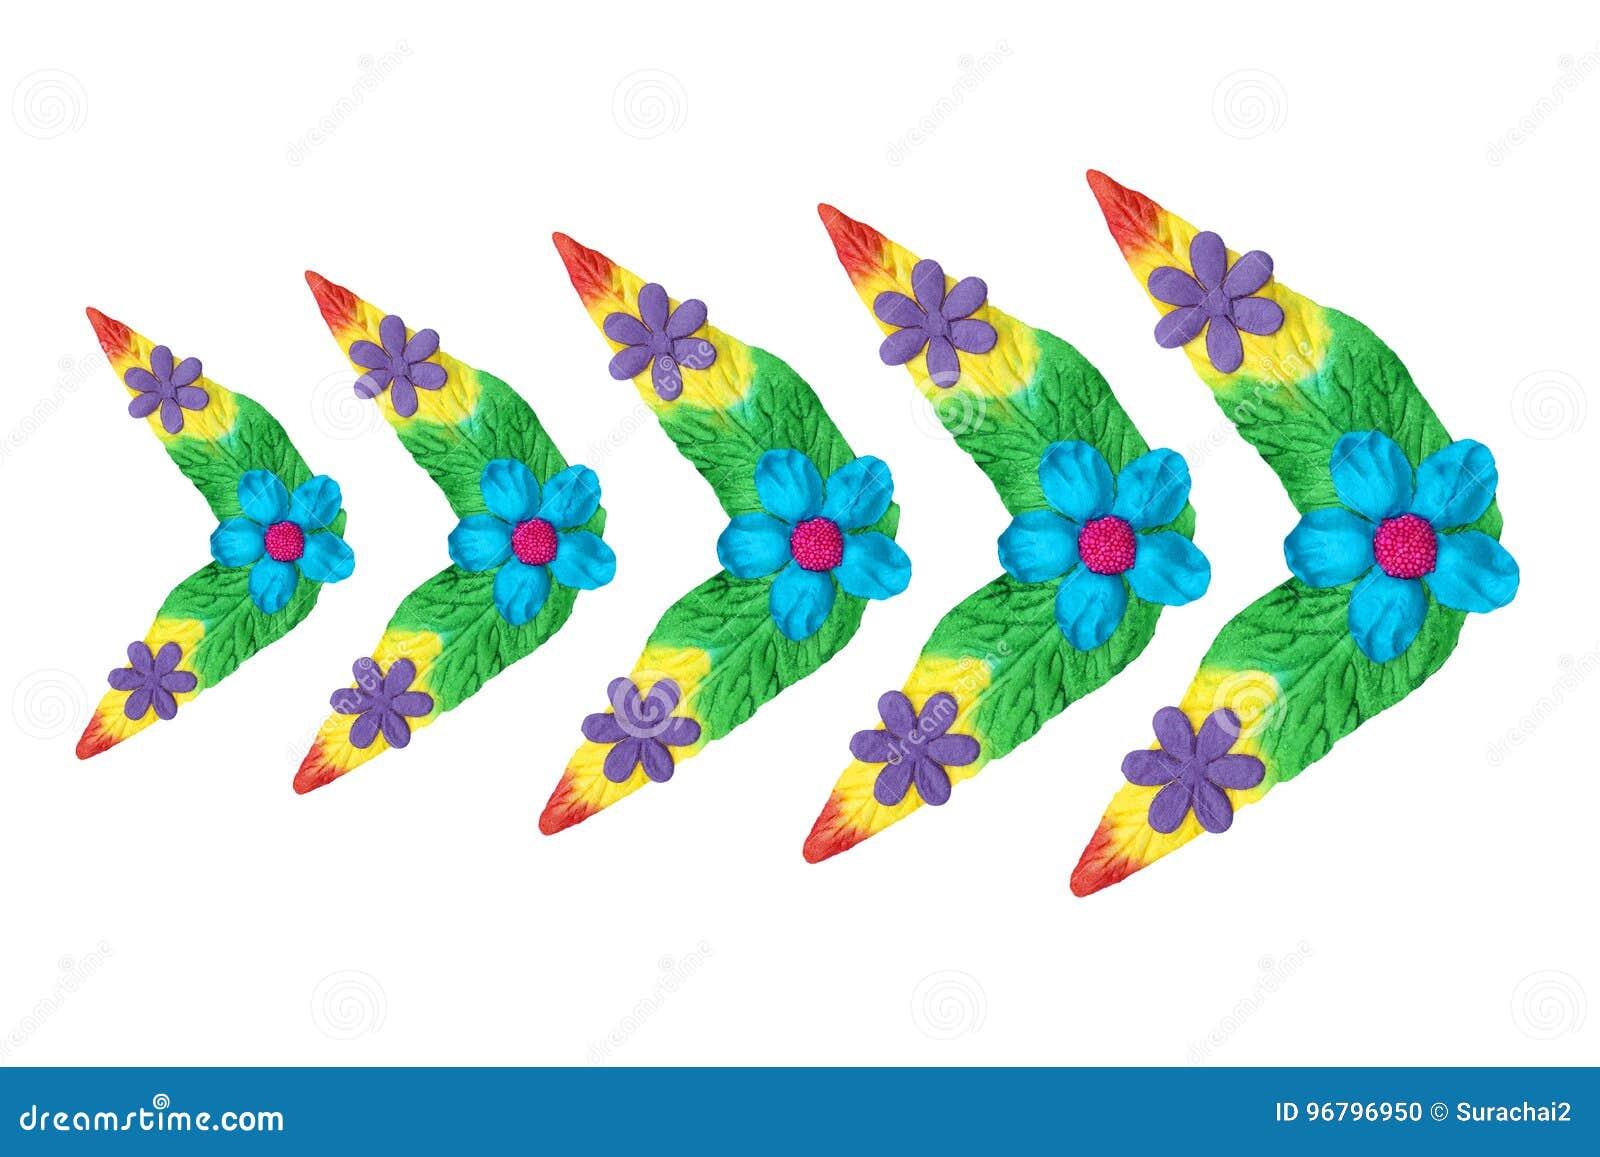 Λουλούδια φιαγμένα ζωηρόχρωμο έγγραφο που χρησιμοποιείται από για τη διακόσμηση